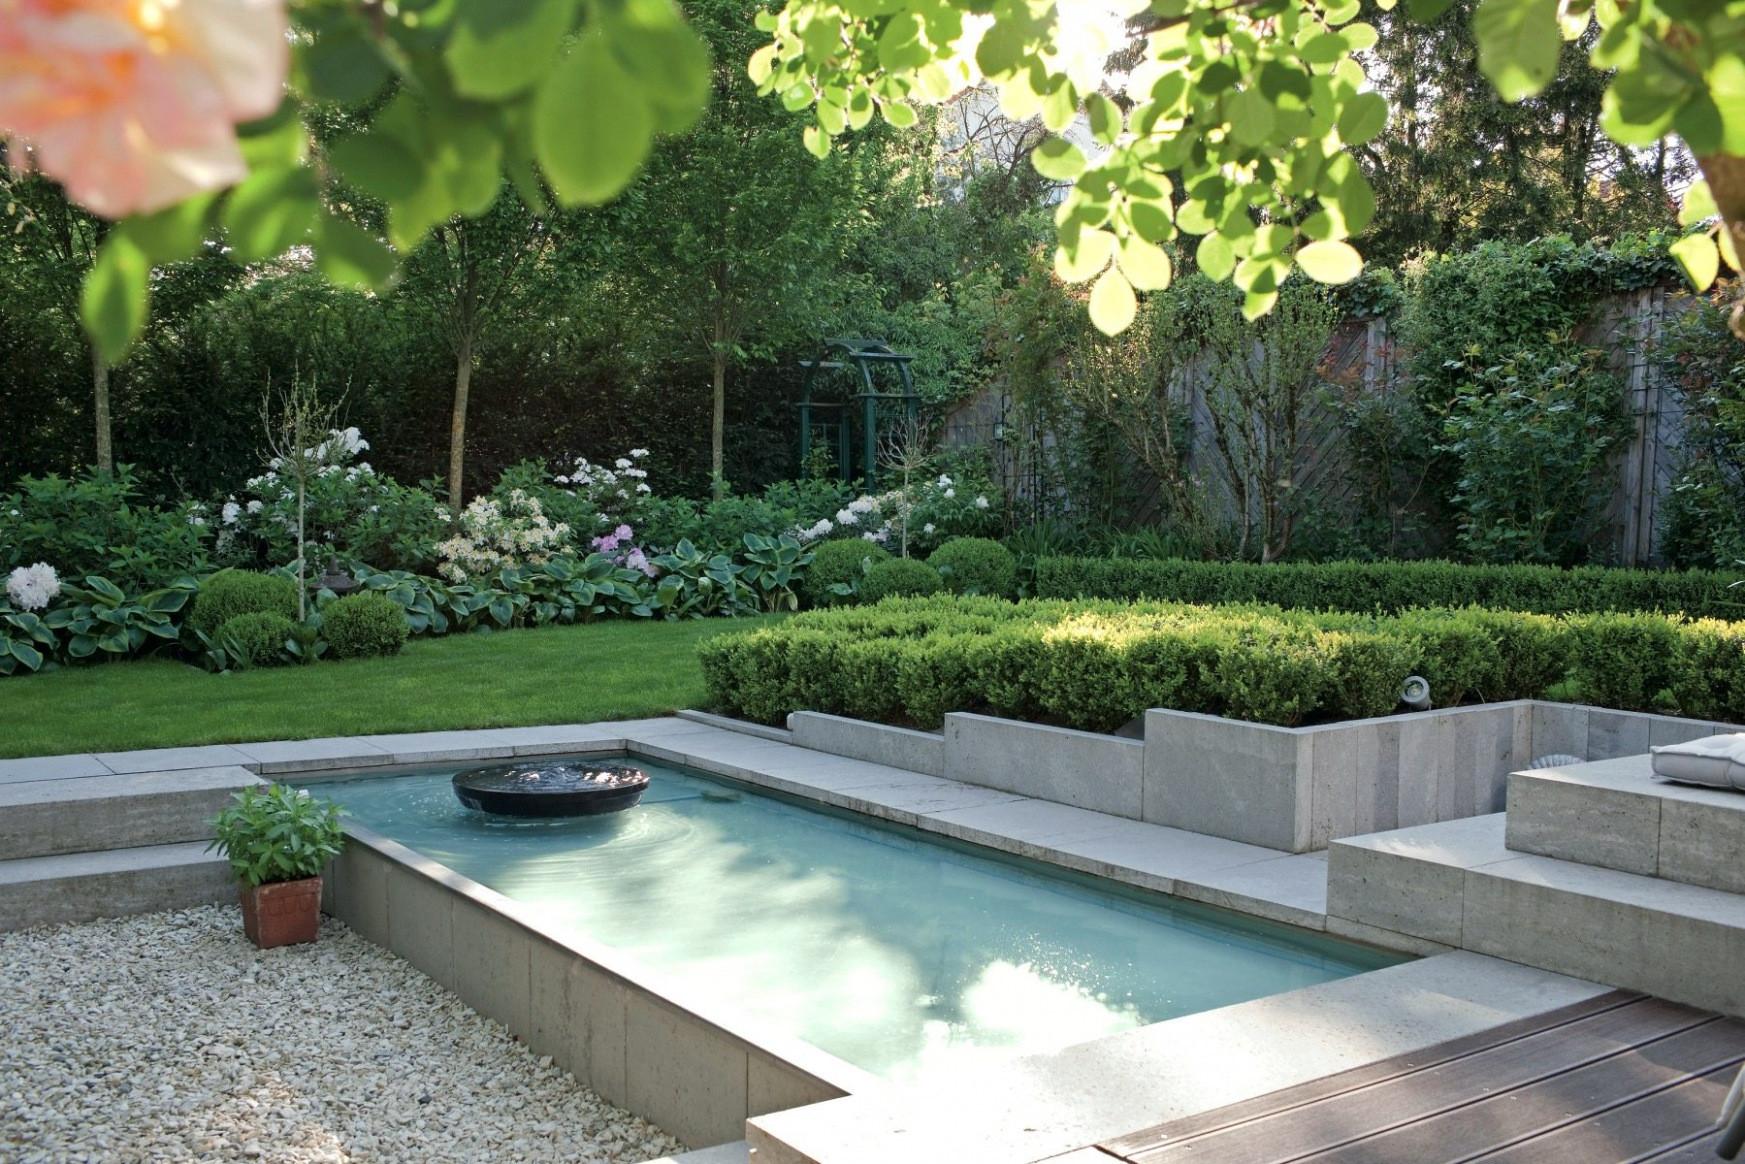 Ideen Garten Genial 11 Amazing Diy Vase Water Fountain